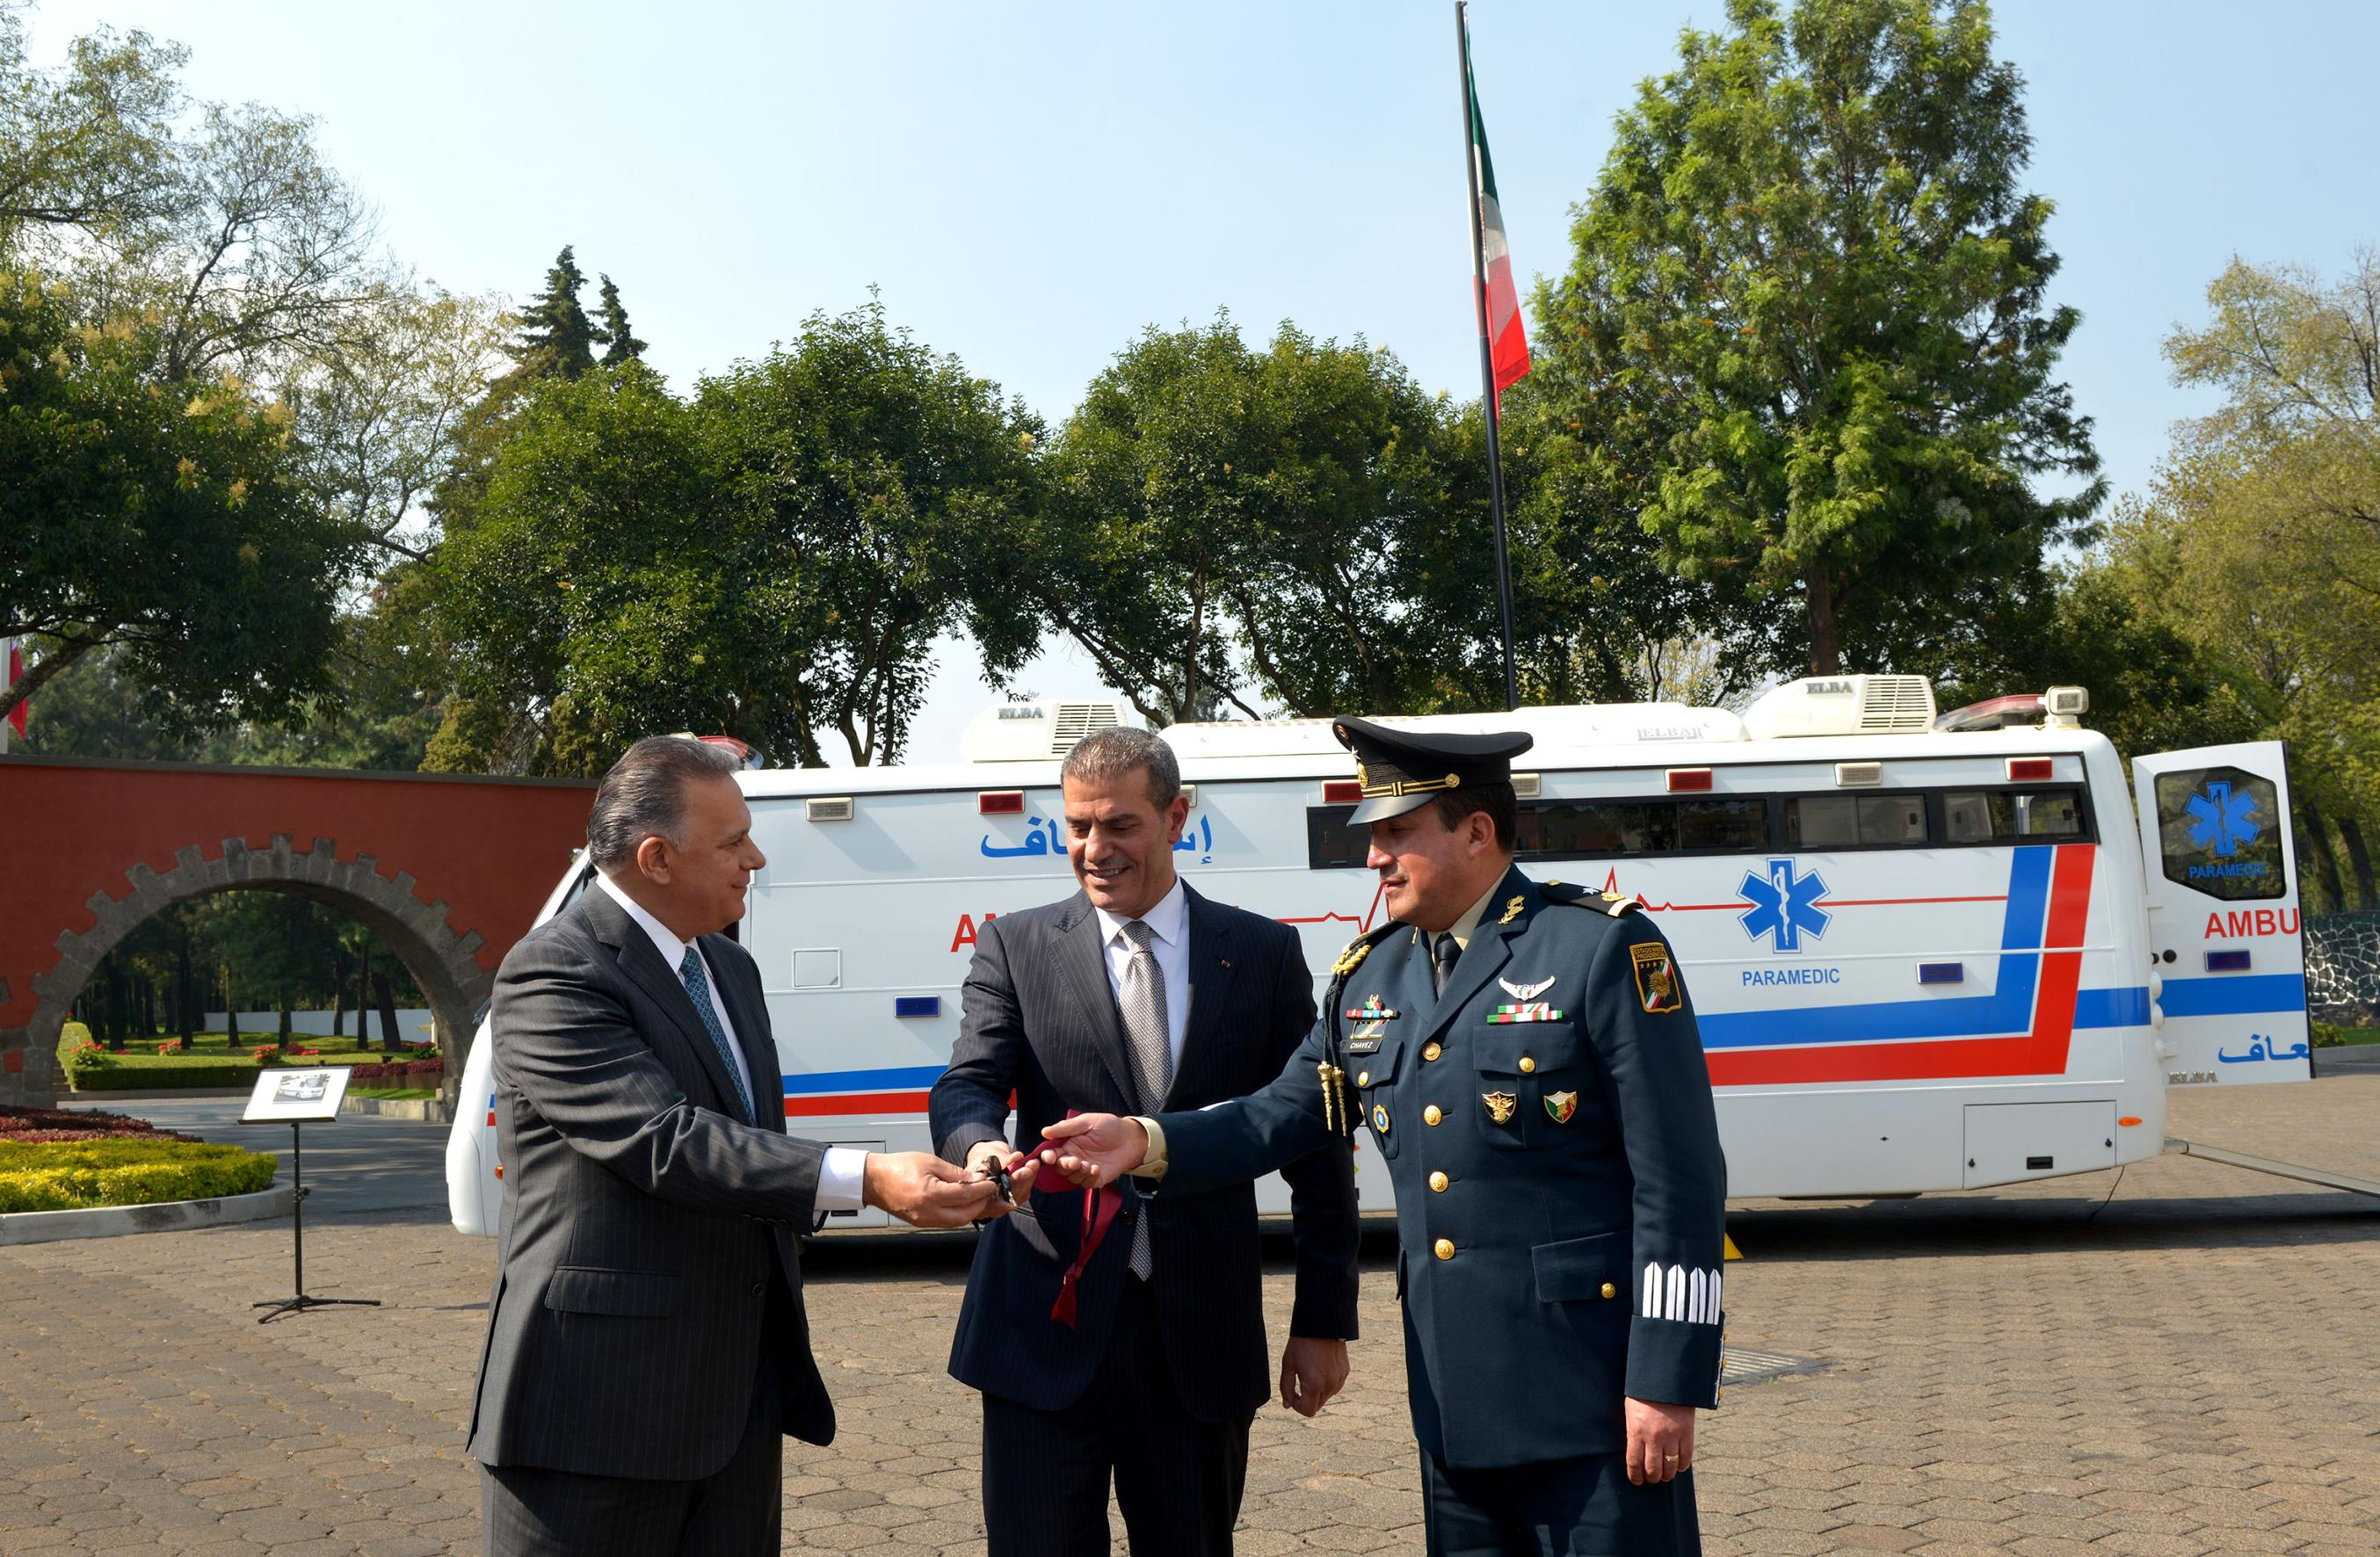 .El Embajador del Reino Hachemita de Jordania en nuestro país, Ibrahim Obeidat, sostuvo que la donación de una ambulancia de alta especialidad al Estado Mayor Presidencial es un reflejo del interés que tiene el Rey Abdalá II por México.